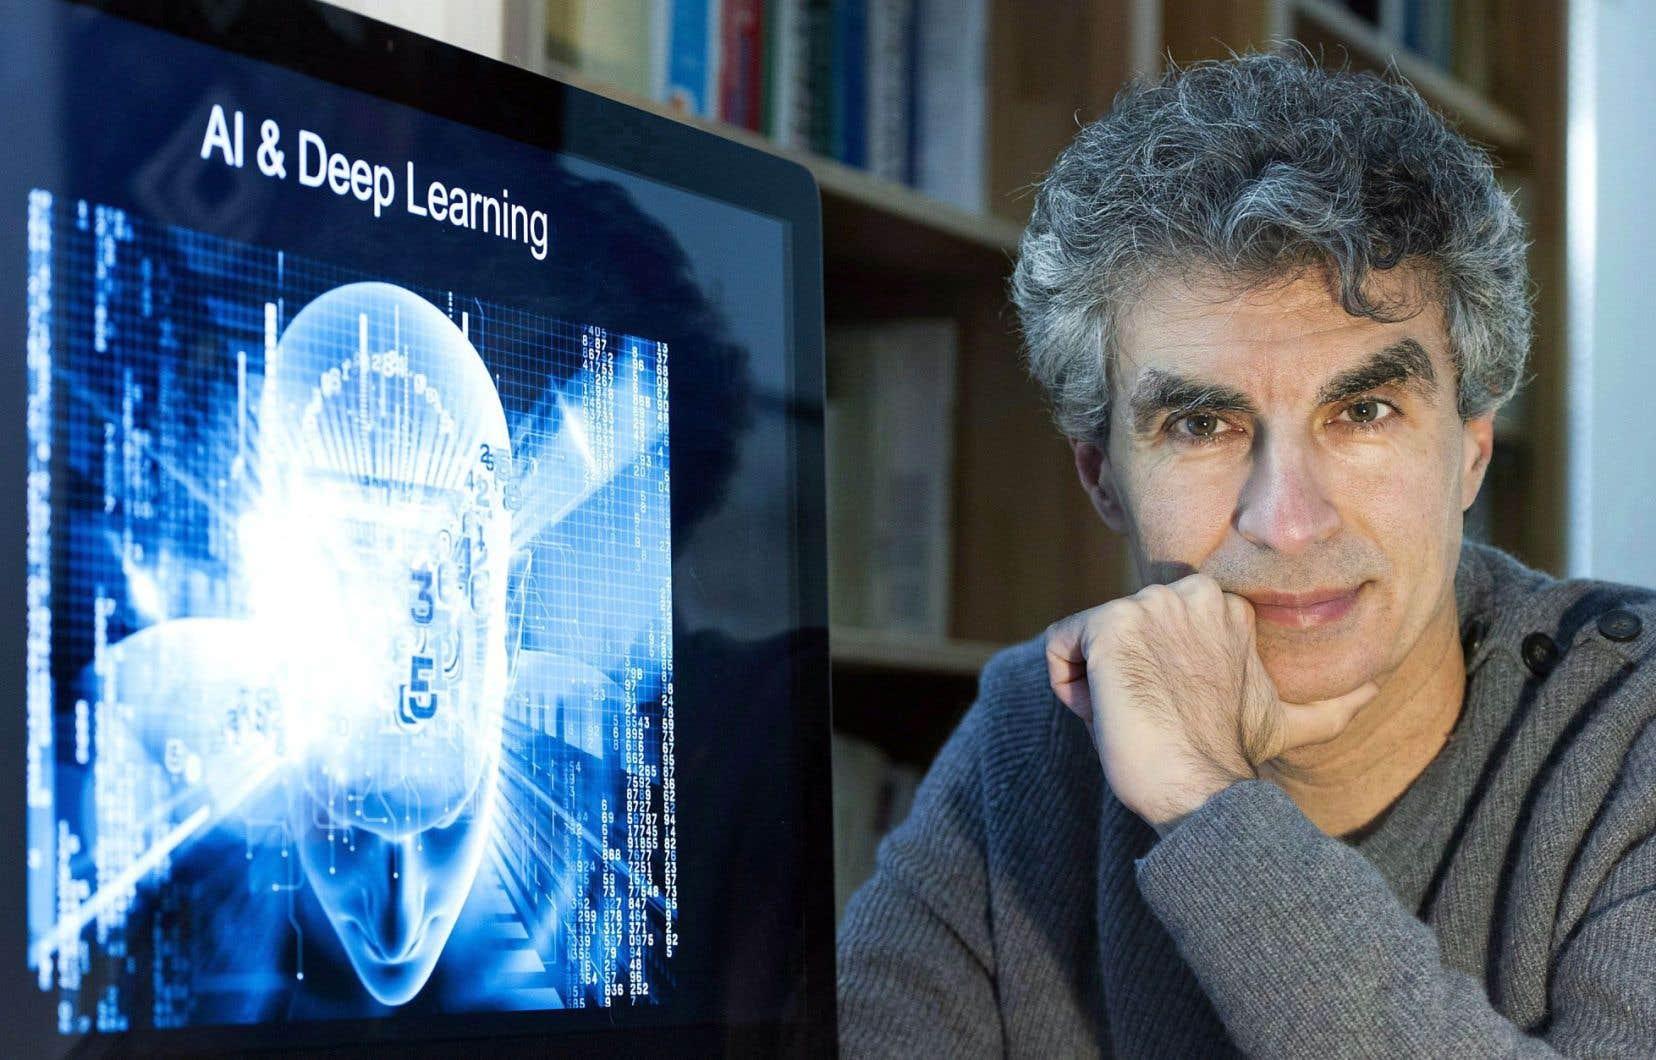 Selon Yoshua Bengio, les entrepreneurs qui misent sur l'intelligence artificielle ont aujourd'hui l'occasion de «changer le monde».